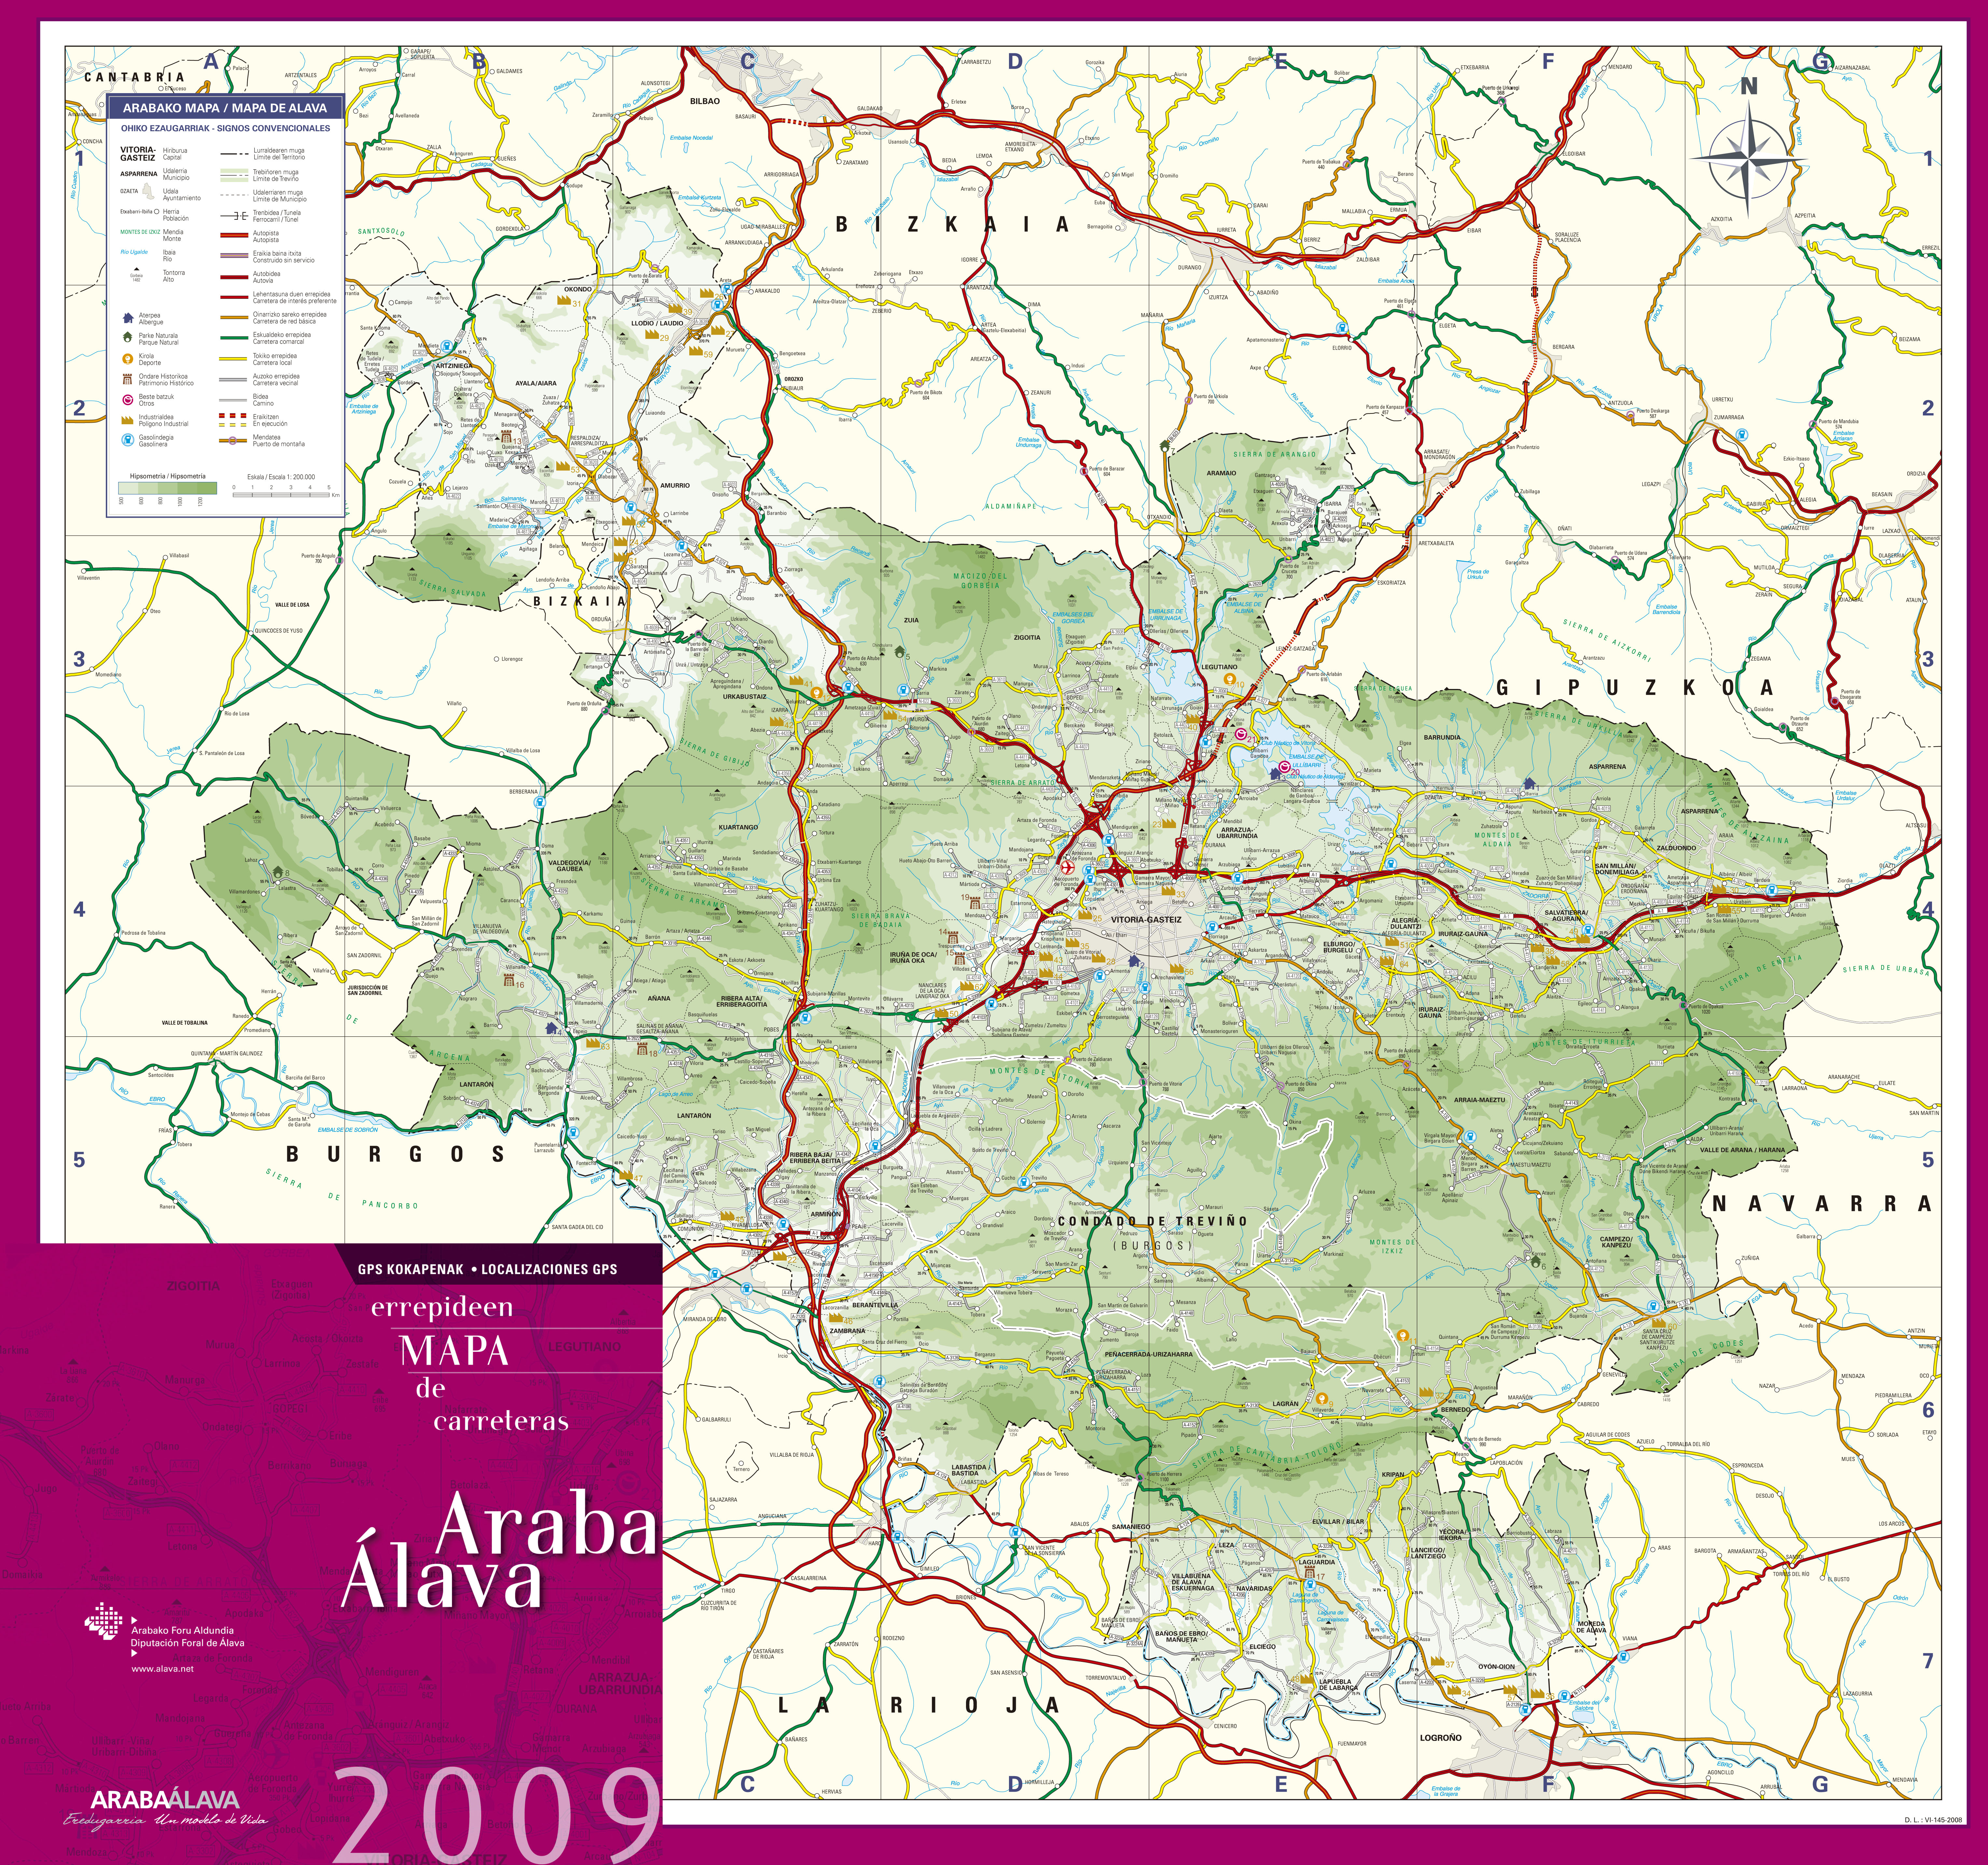 Mapa de carreteras de Álava 2009